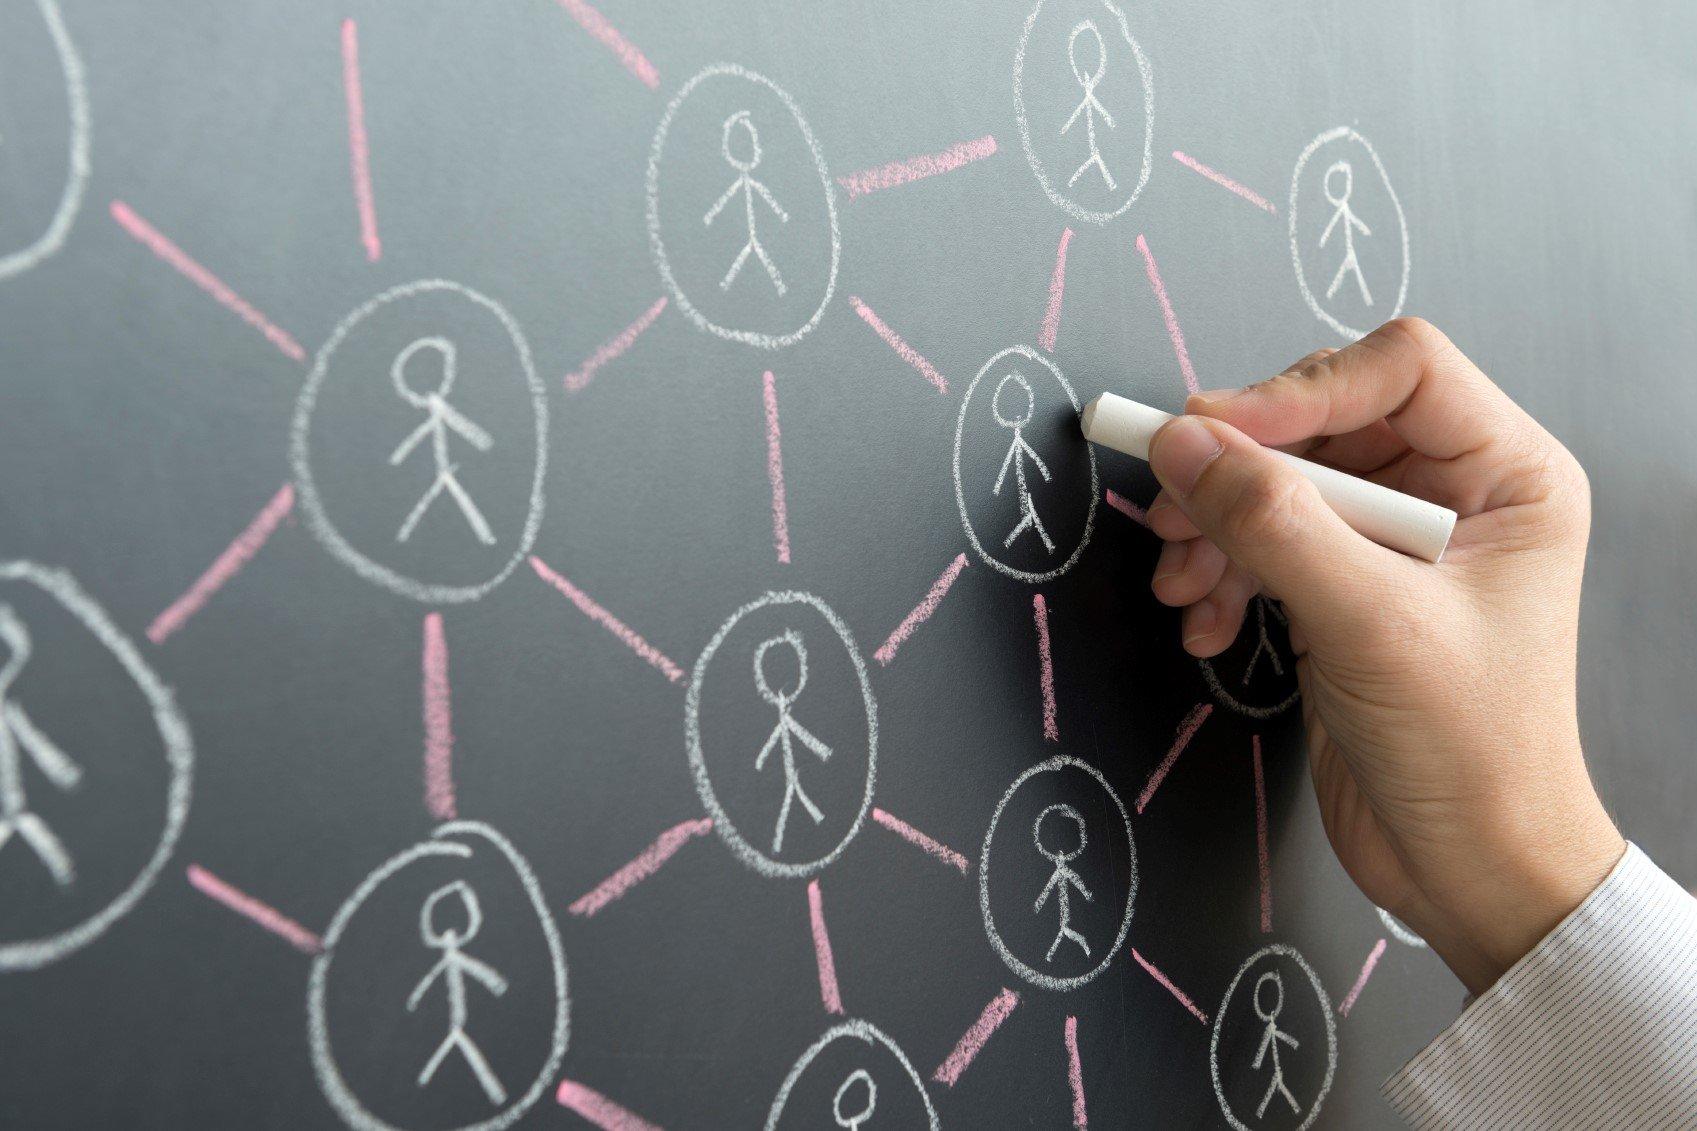 Los 3 Grados de Separación (y el riesgo de compartir su vida en línea) - TECHcetera